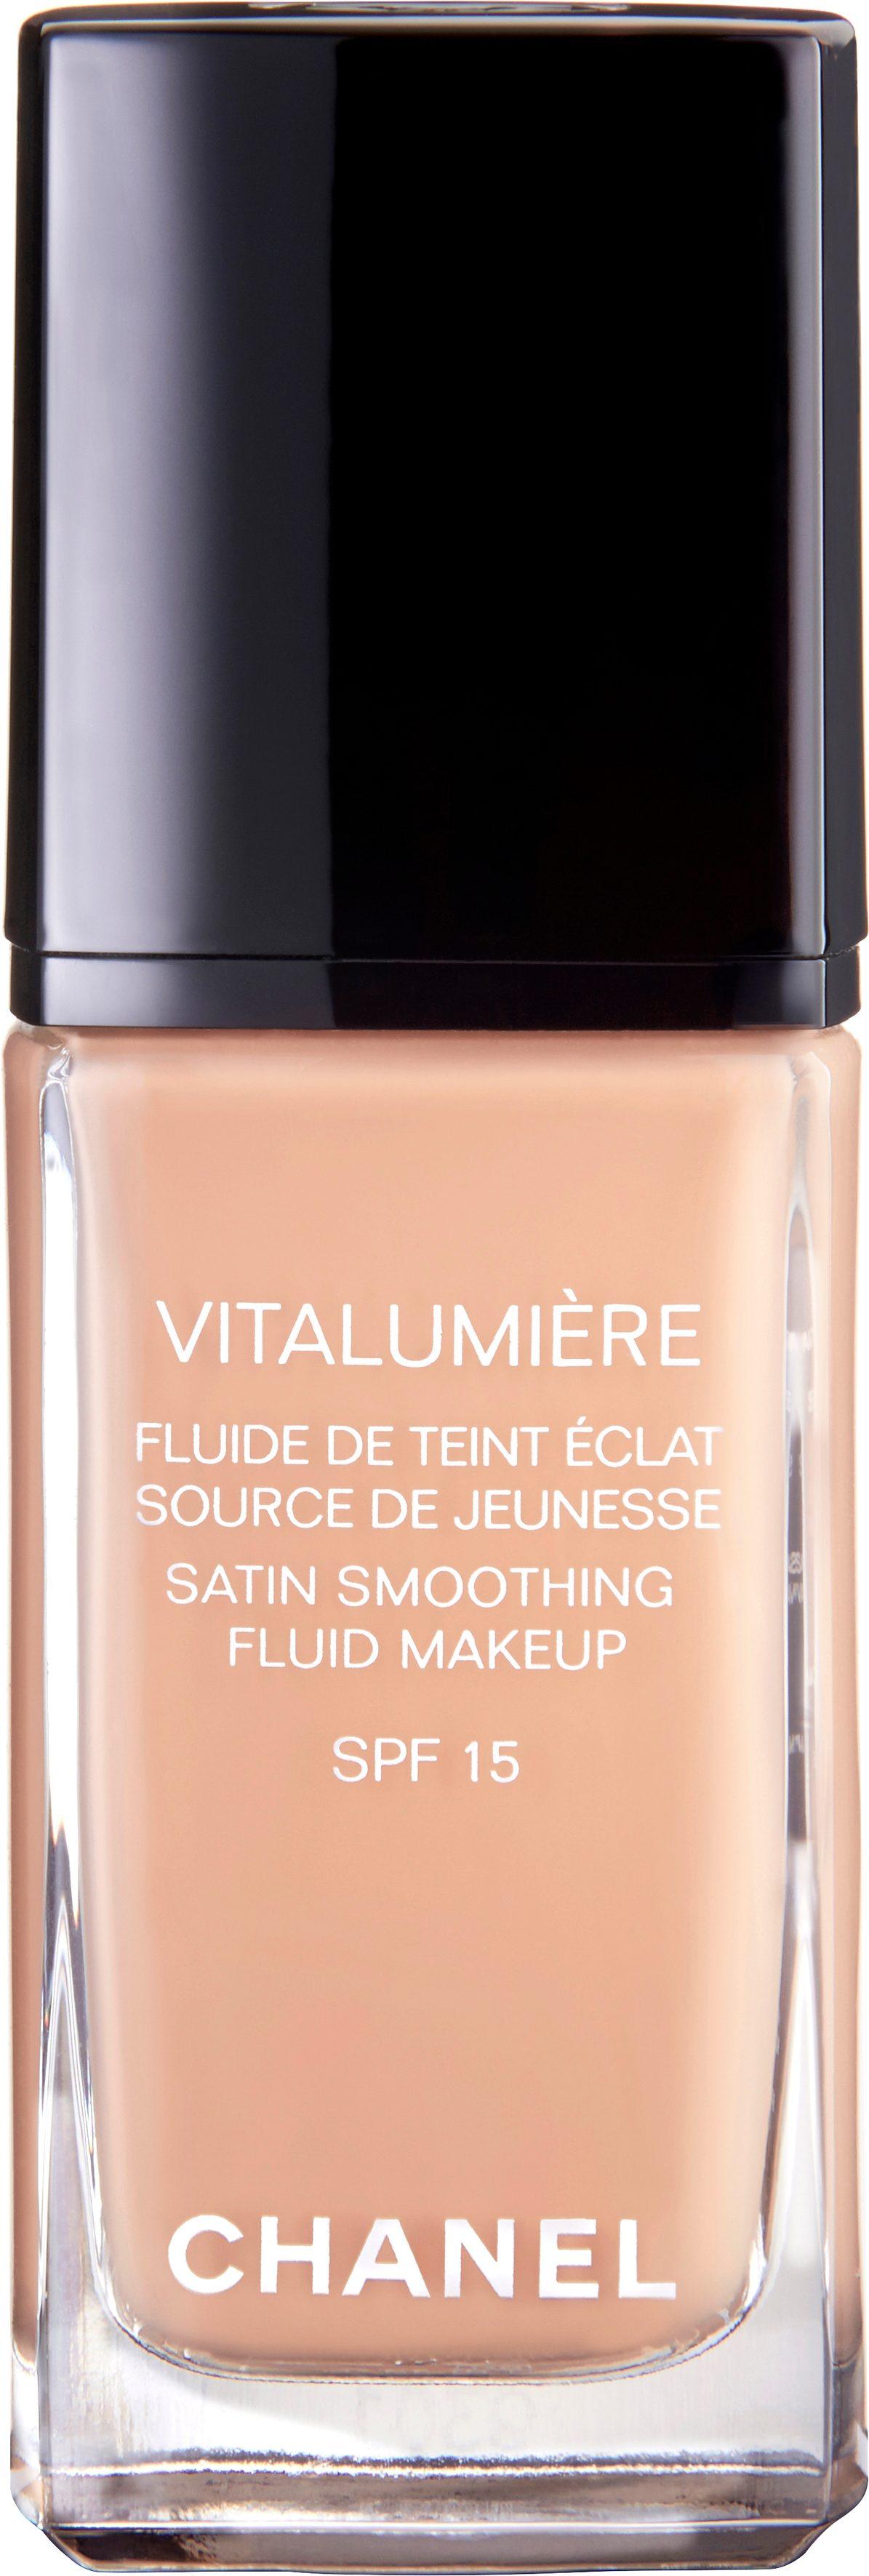 CHANEL Foundation Vitalumière Fluide